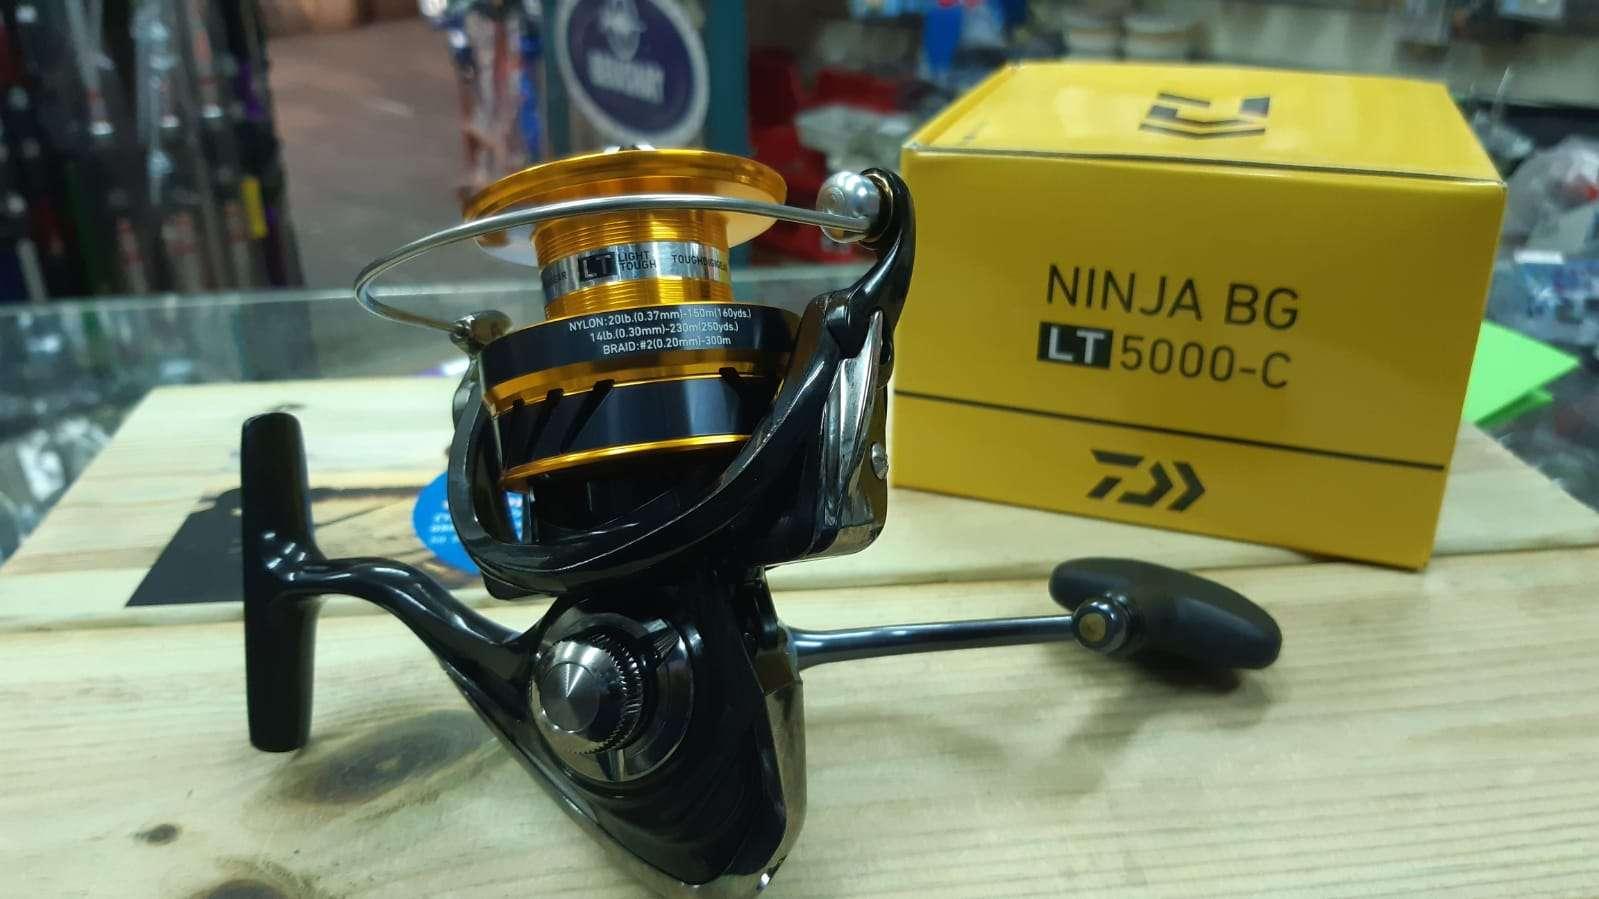 DAIWA NINJA BG 5000